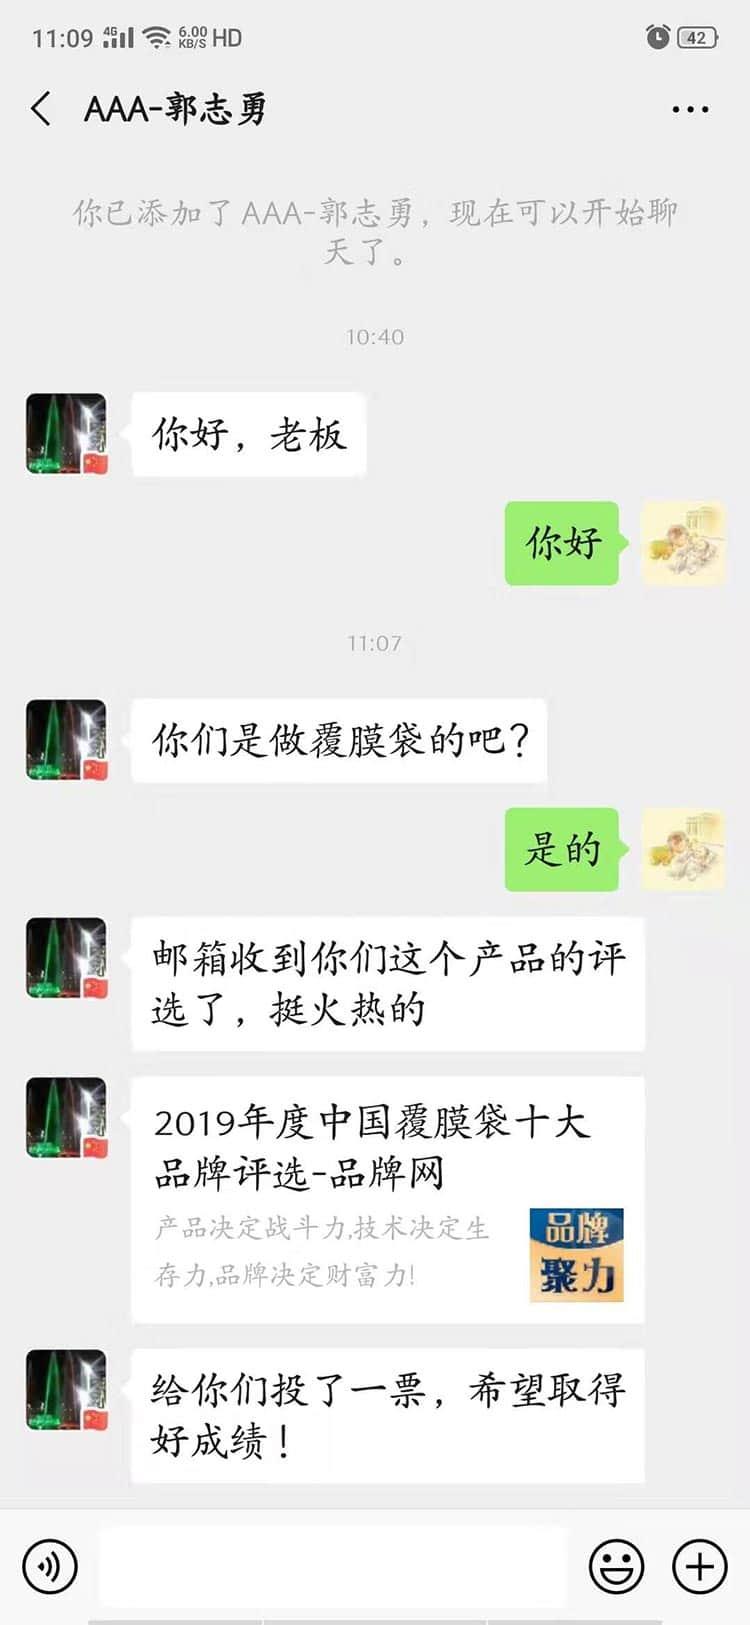 又又又又收到中国十大品牌评选 覆膜袋行业十大品牌的大骗子们评选活动了